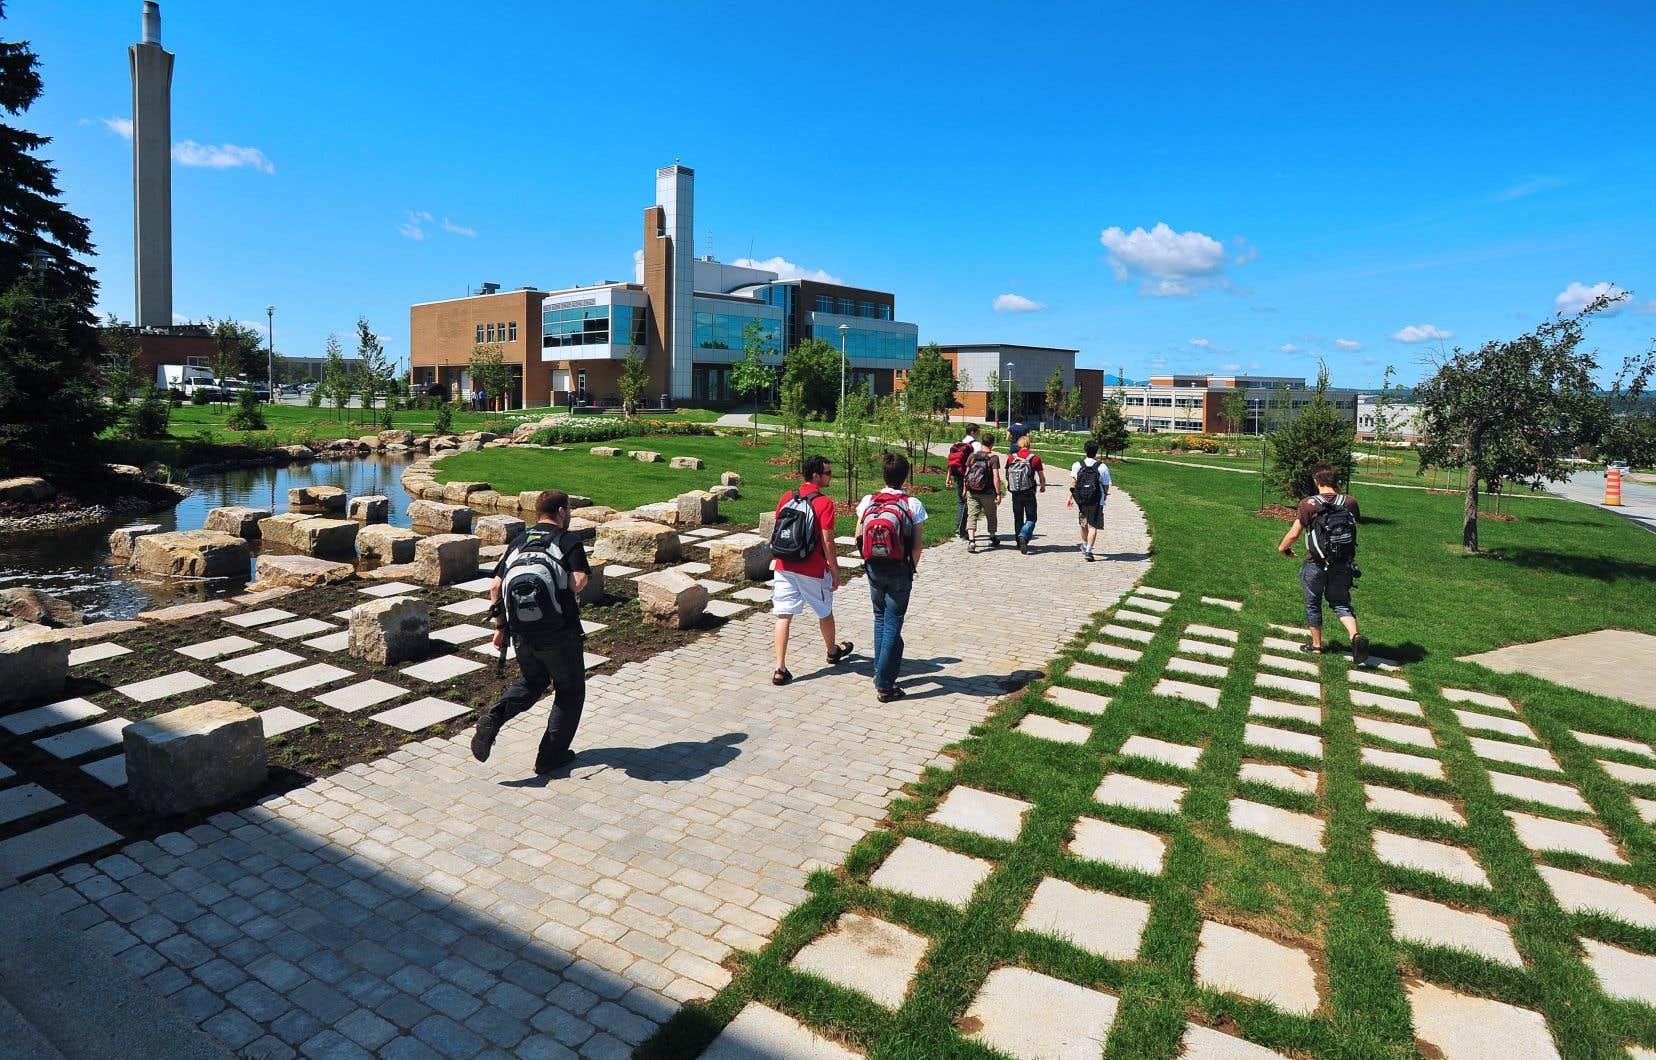 Avant que l'Estrie bascule en zone rouge la semaine dernière, l'UdeS offrait environ 60% de ses activités d'enseignement et de recherche en présence.